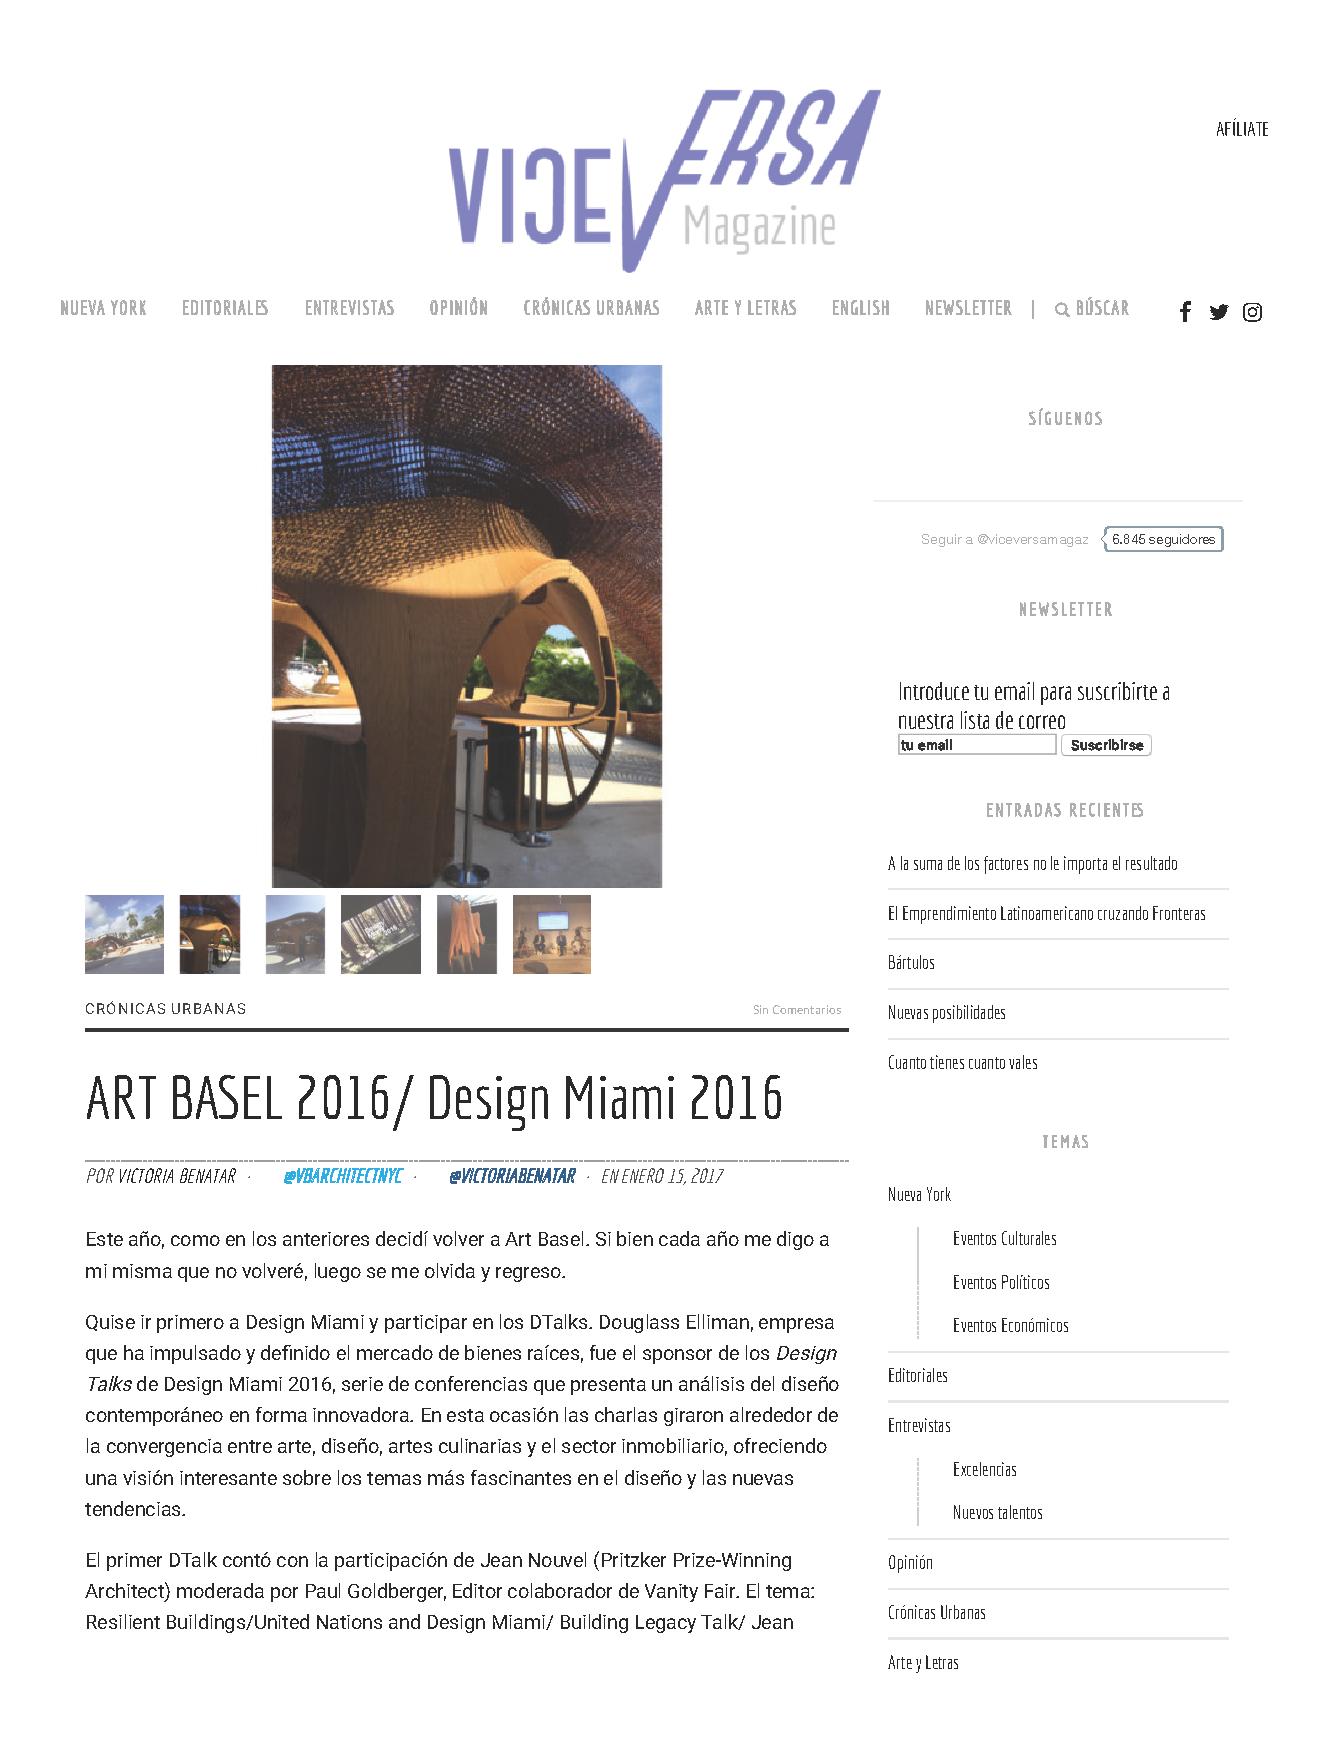 ART BASEL 2016_ Design Miami 2016 - ViceVersa MagazineViceVersa Magazine_Page_1.png